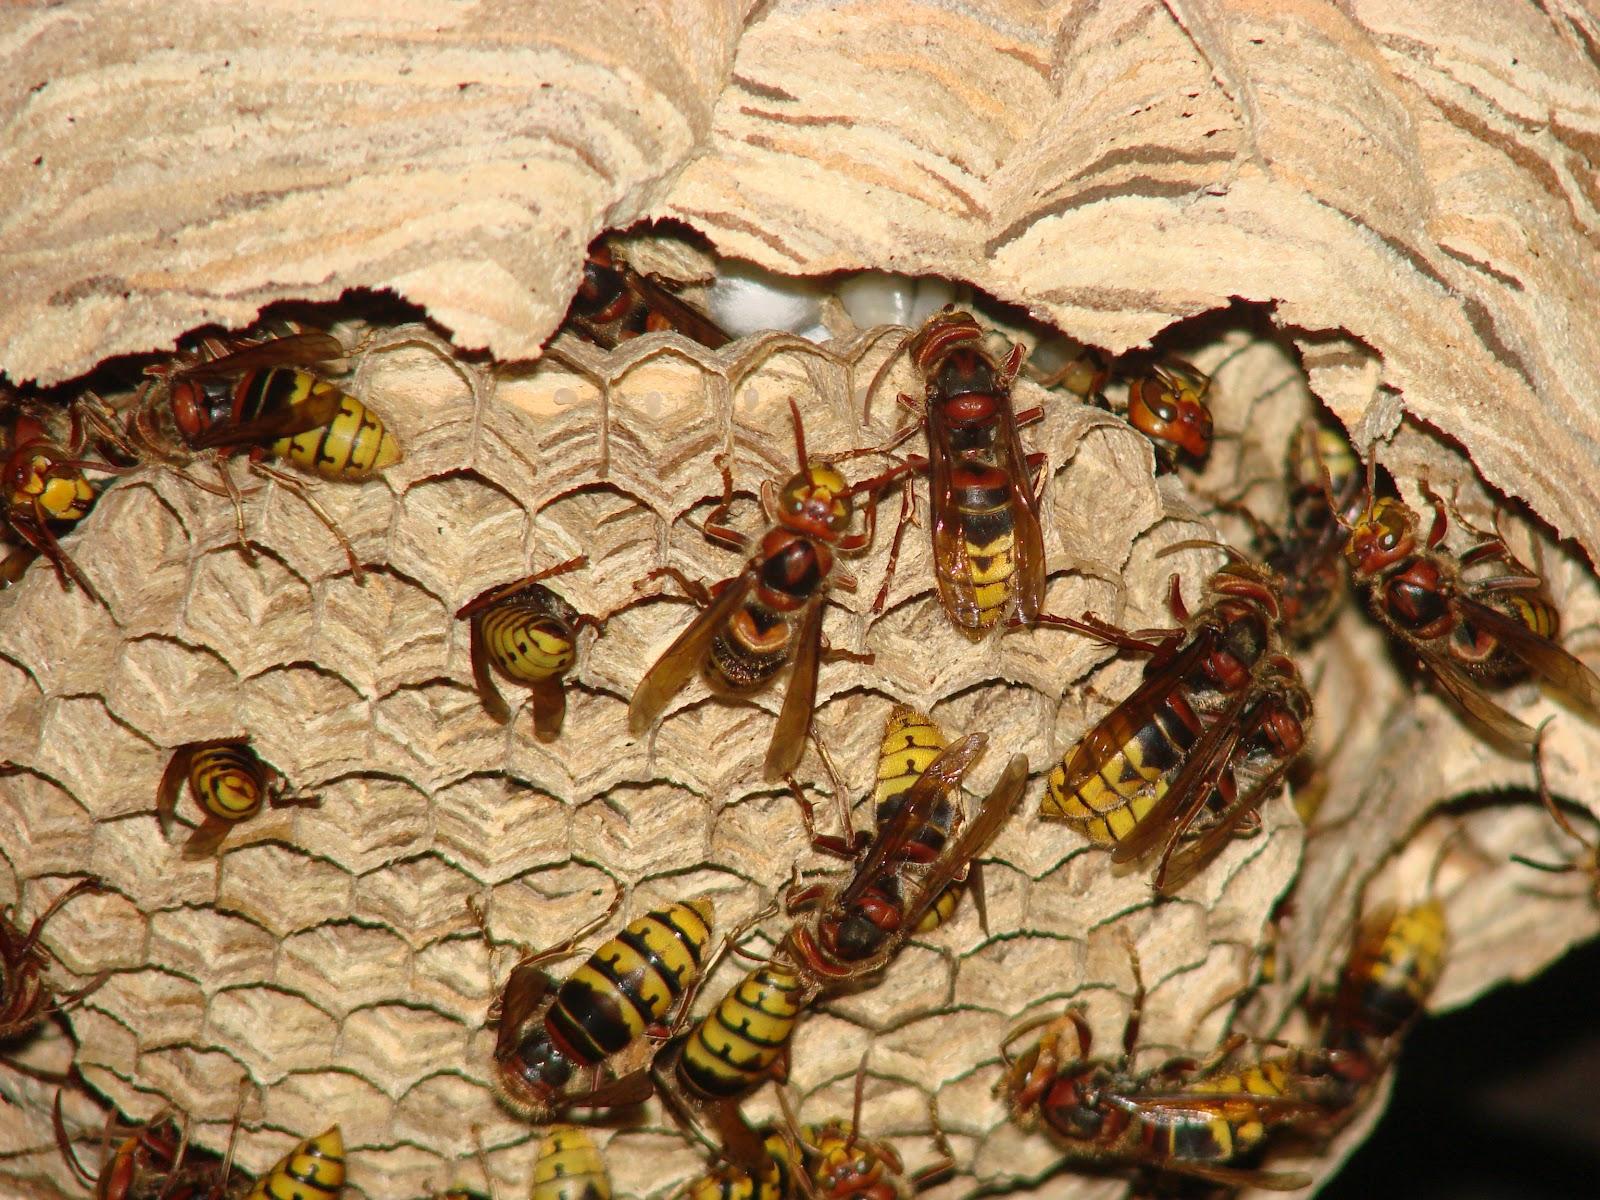 Из чего осы делают гнезда: какие строительные материалы используют насекомые?